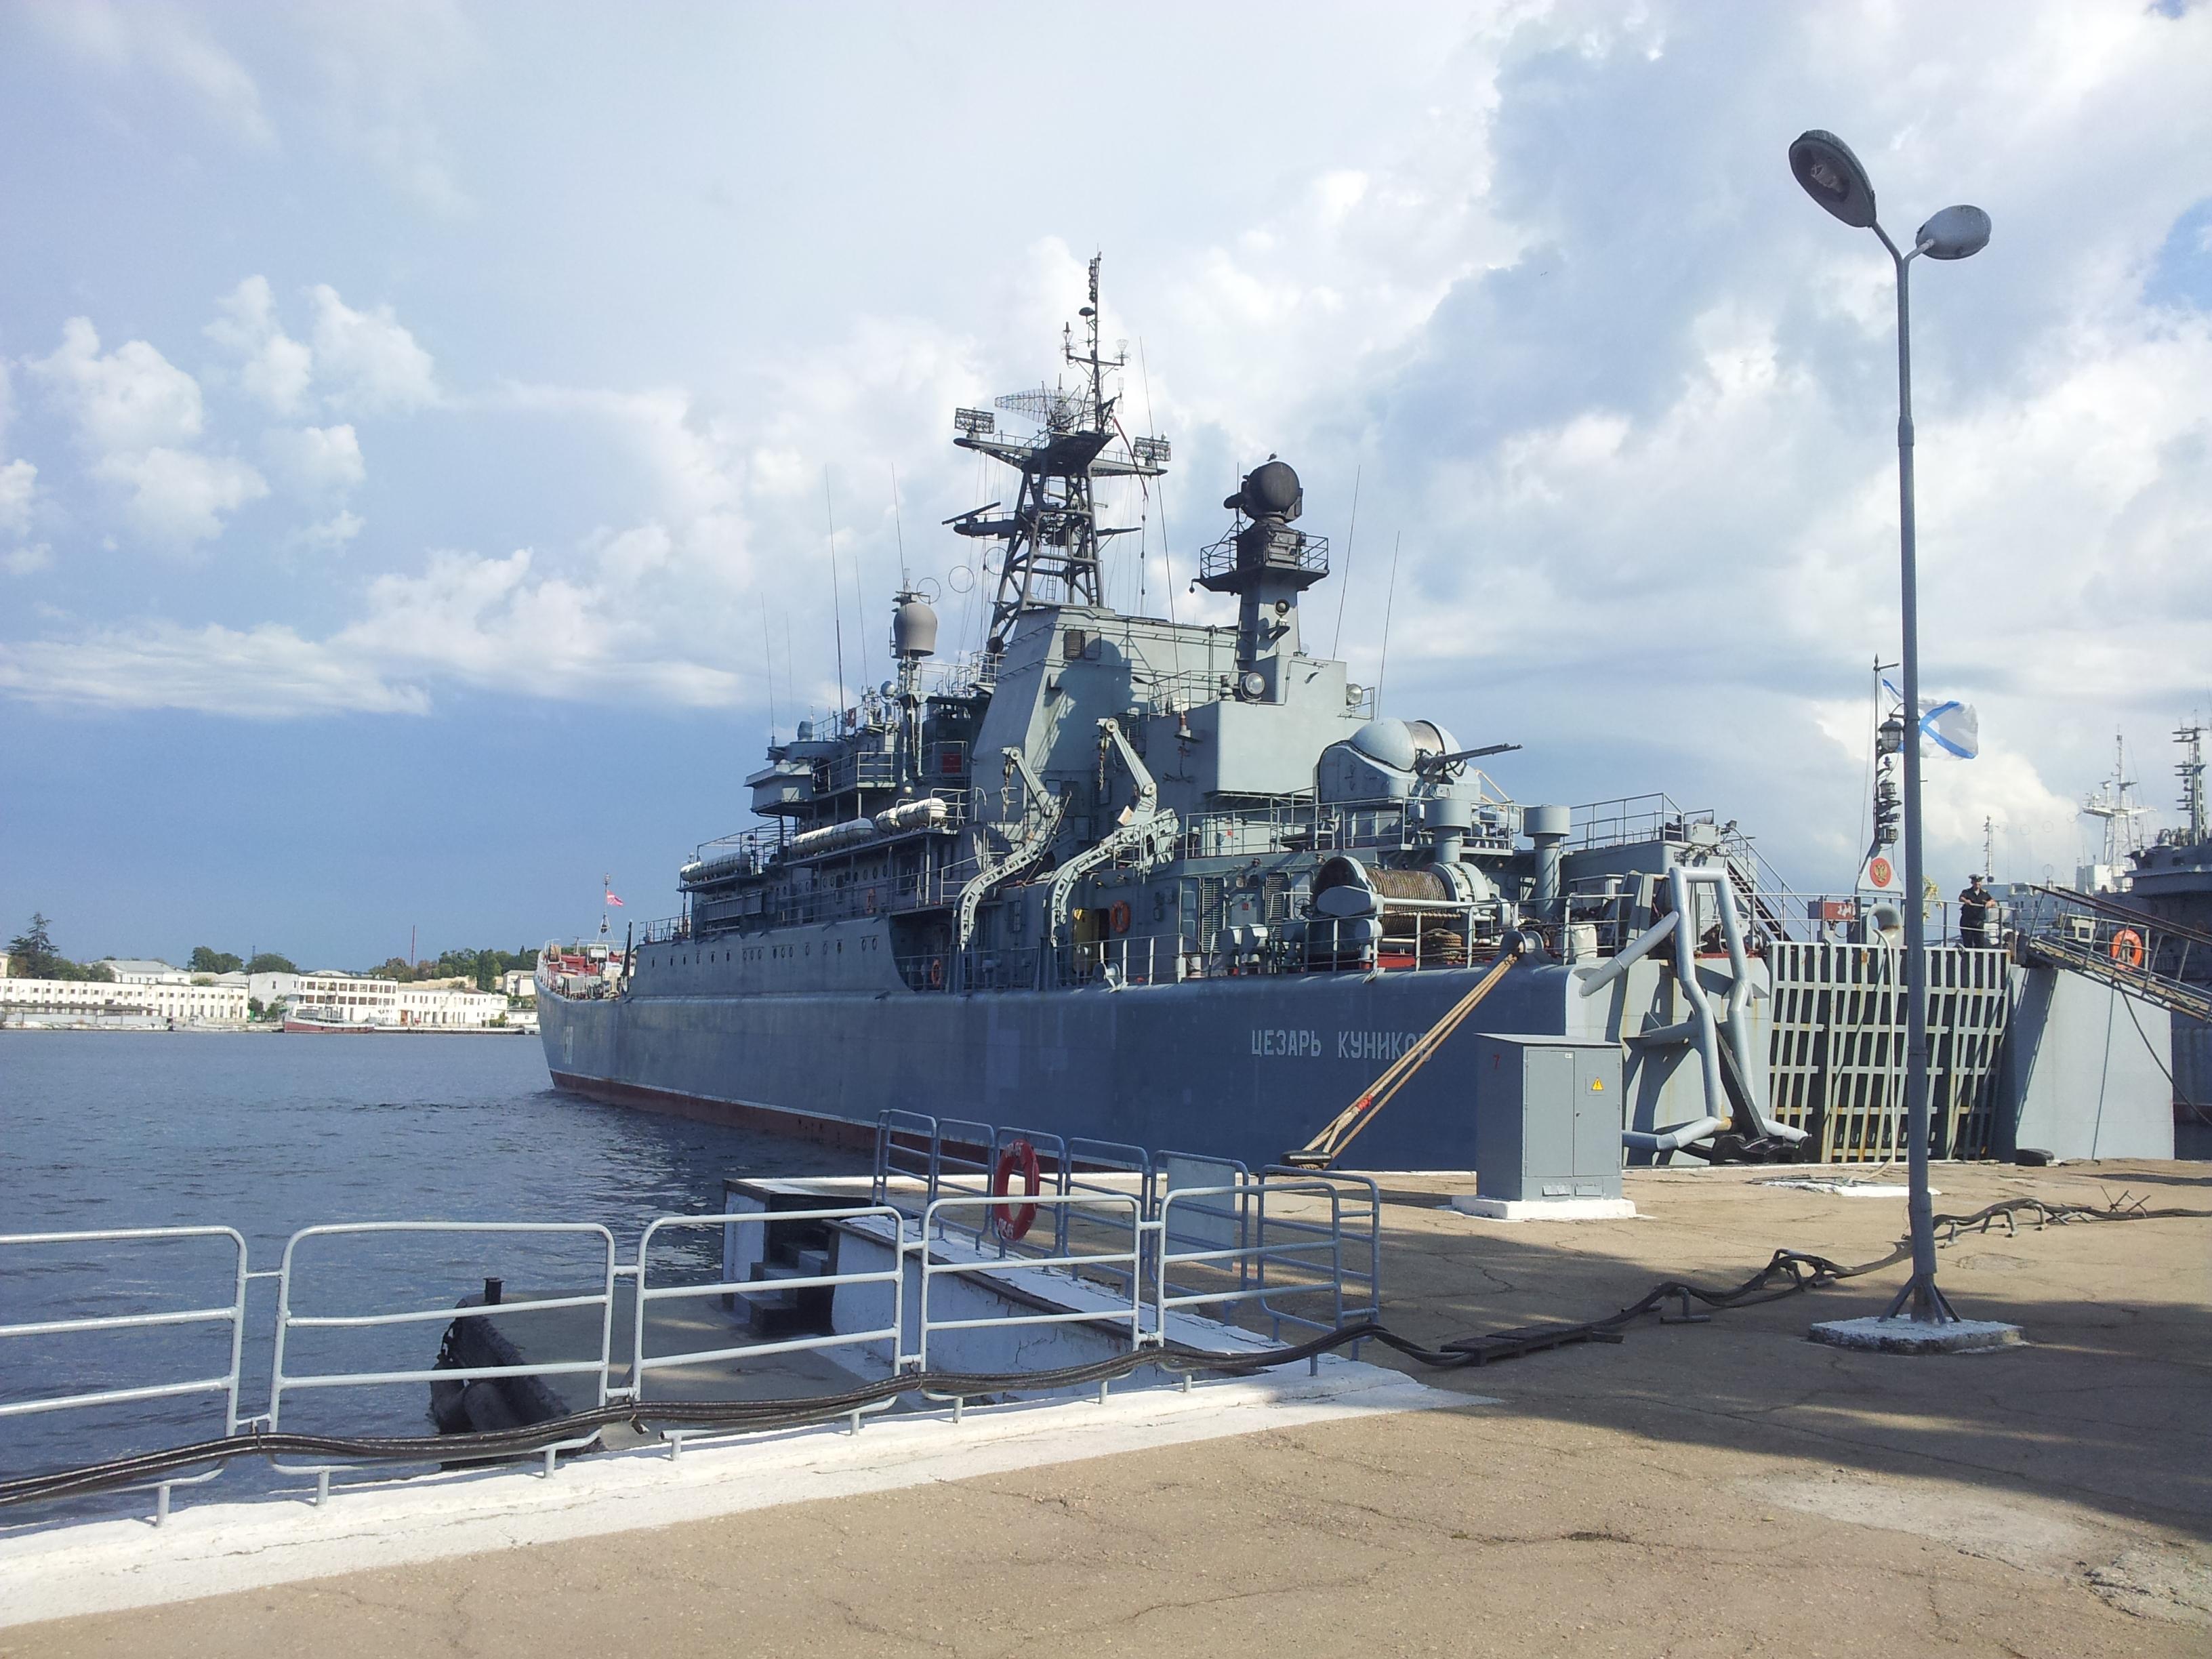 Делегация из Зеленограда посетила Севастополь во время Дня военно-морского флота